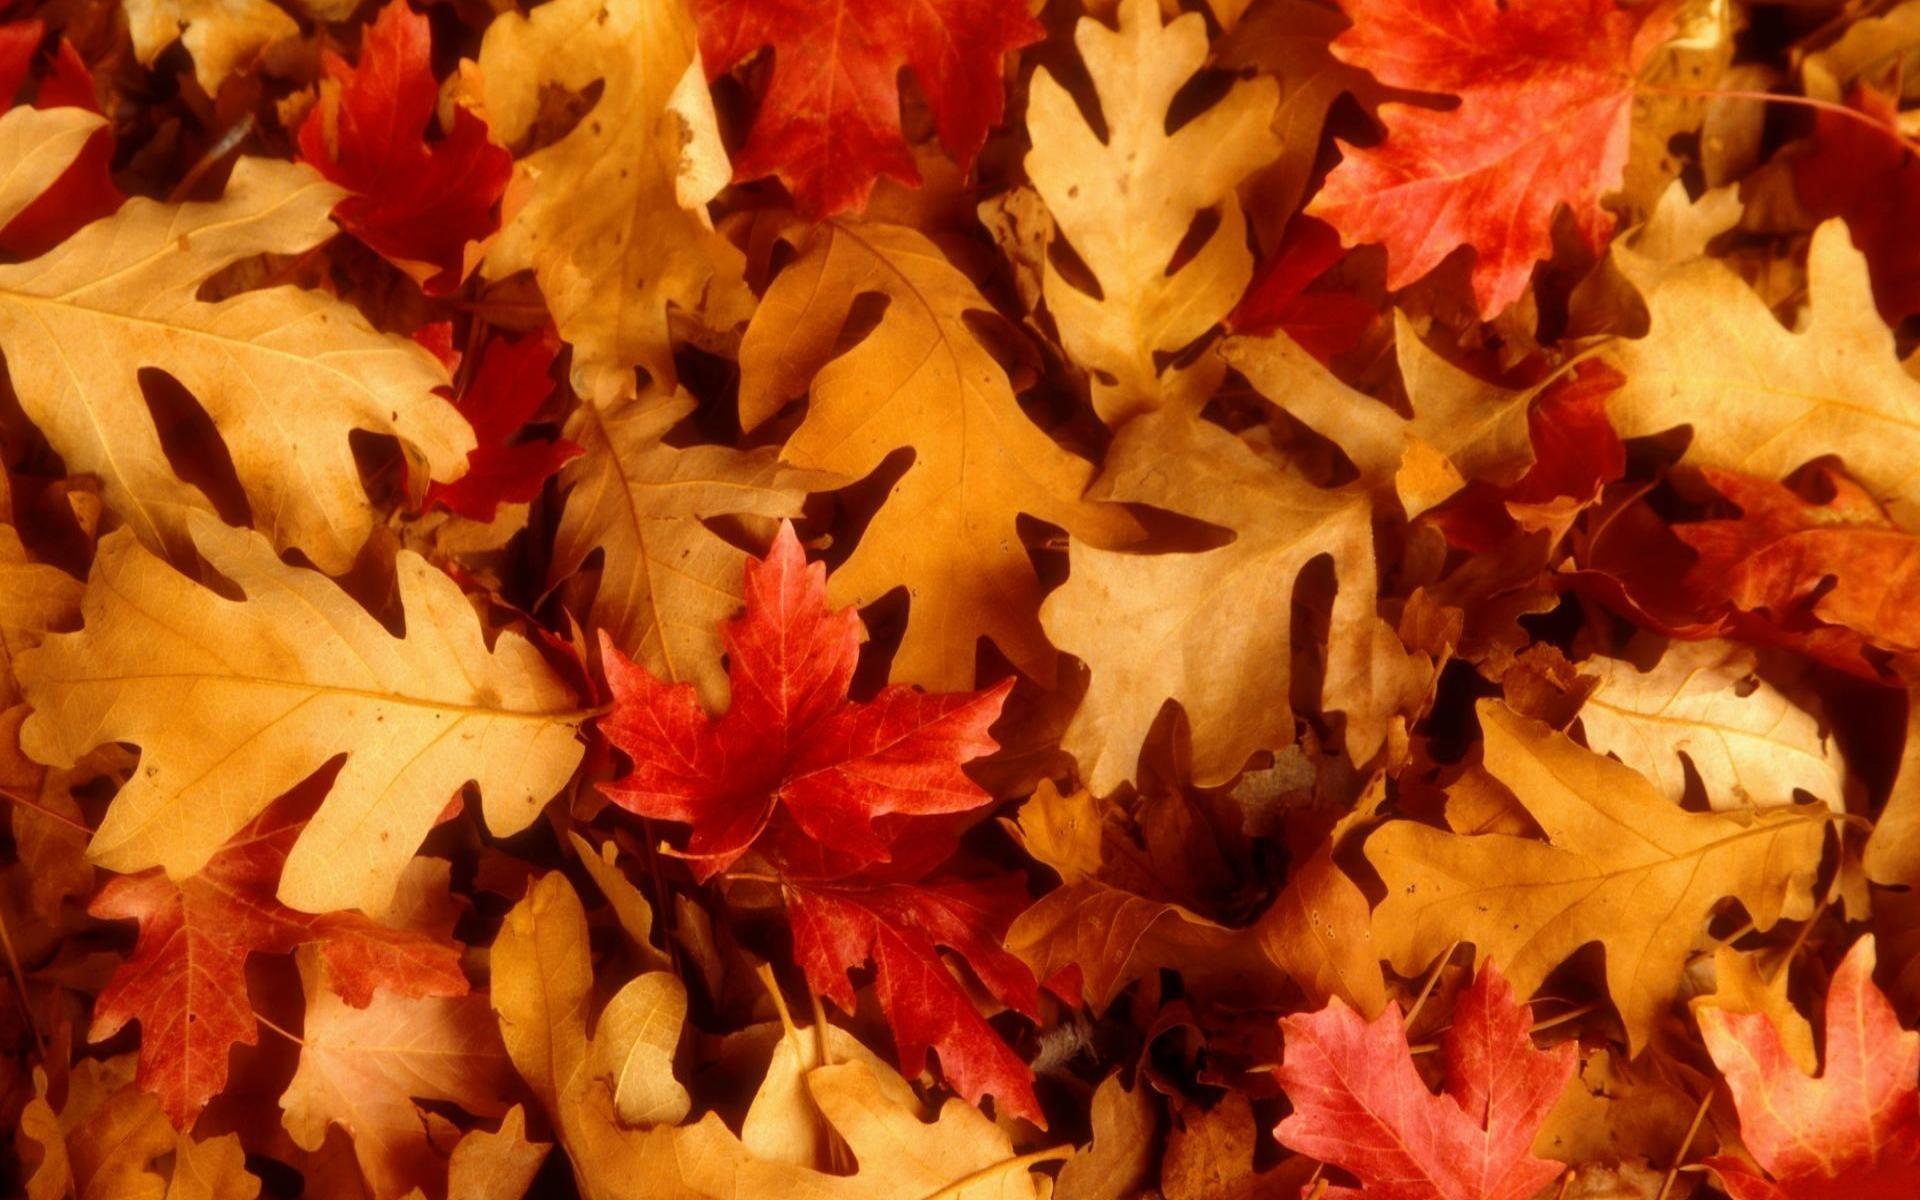 wallpaper.wiki-Fall-Foliage-HD-Photo-PIC-WPE008846